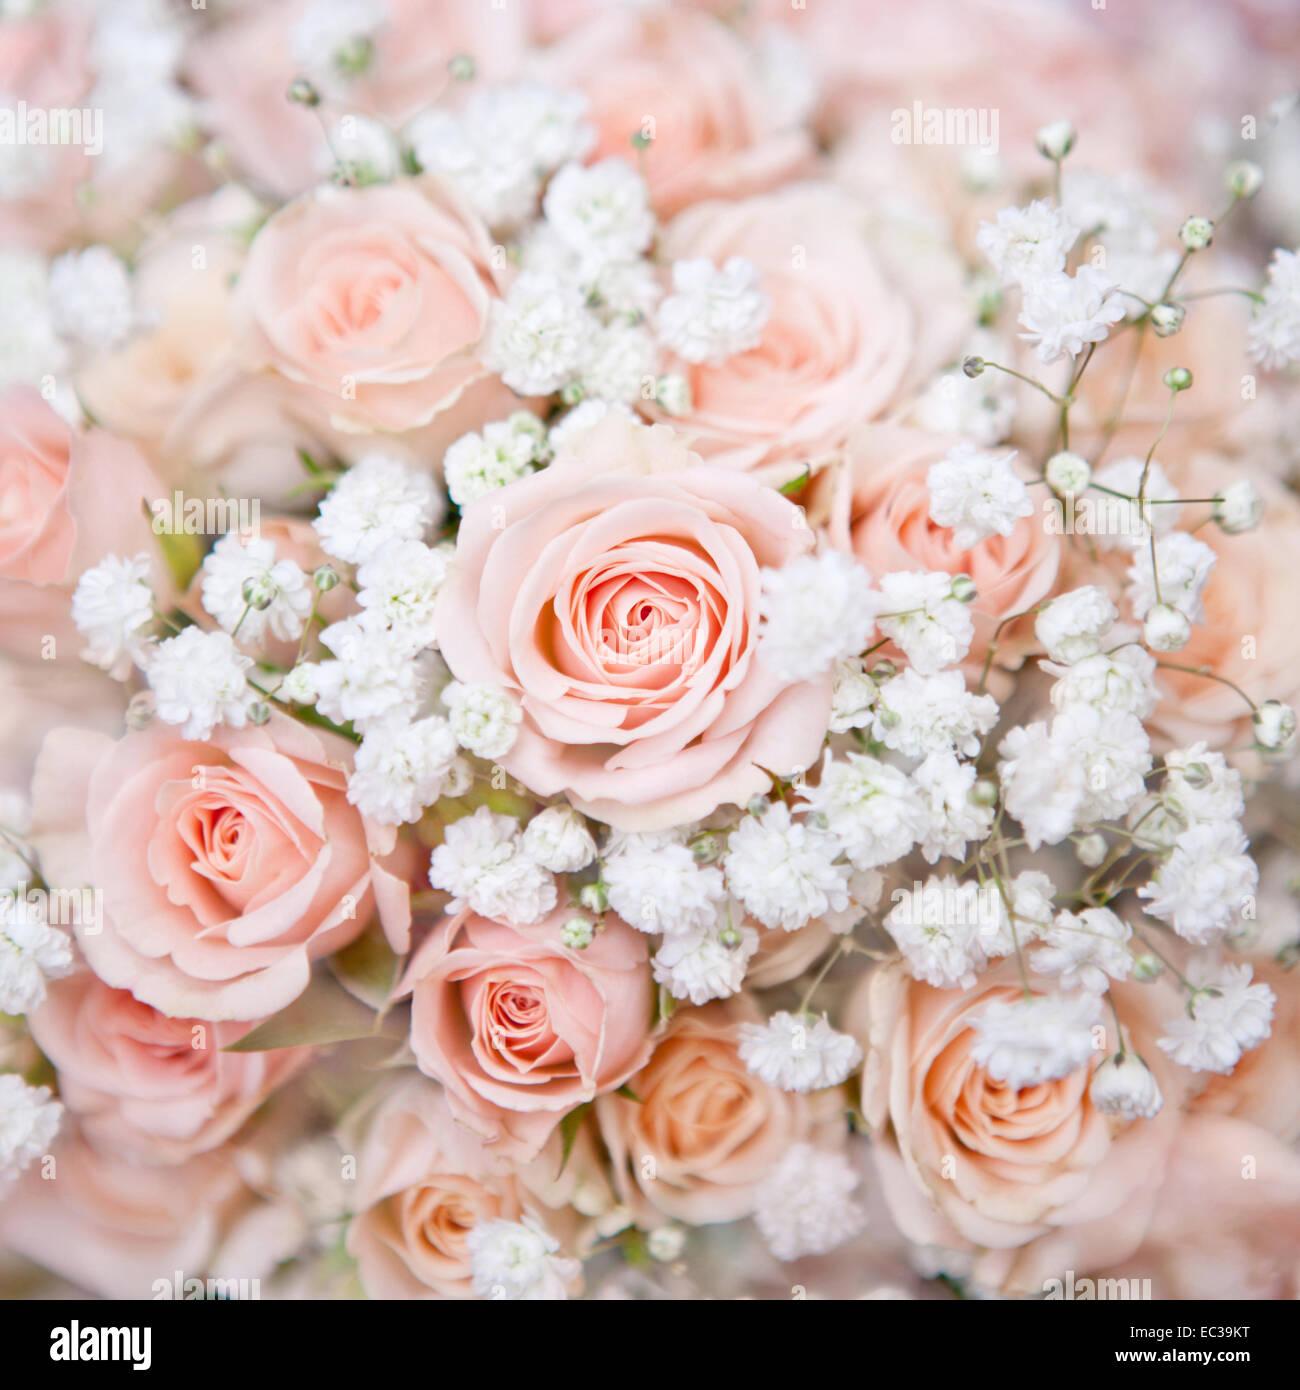 Weiche Rosa Hochzeit Bouquet Mit Rosenbusch Und Kleine Weisse Blume